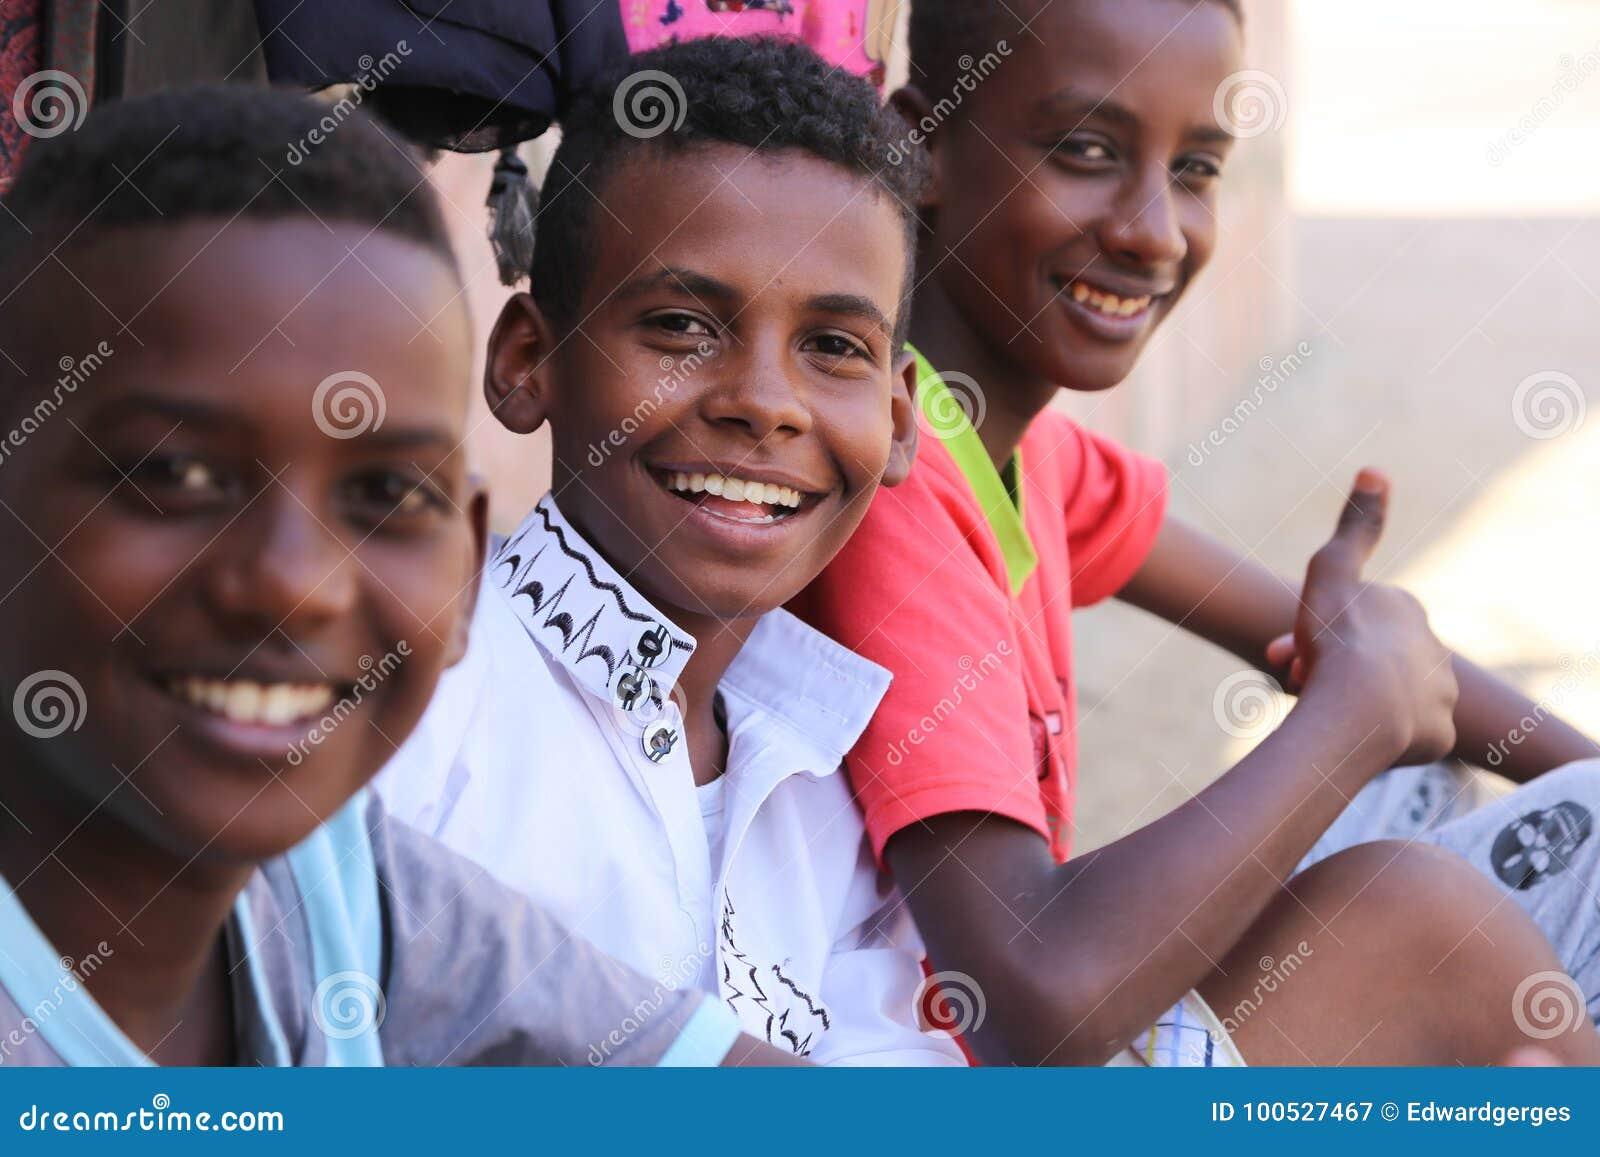 African children aswan nile river egypt 20 september 2017